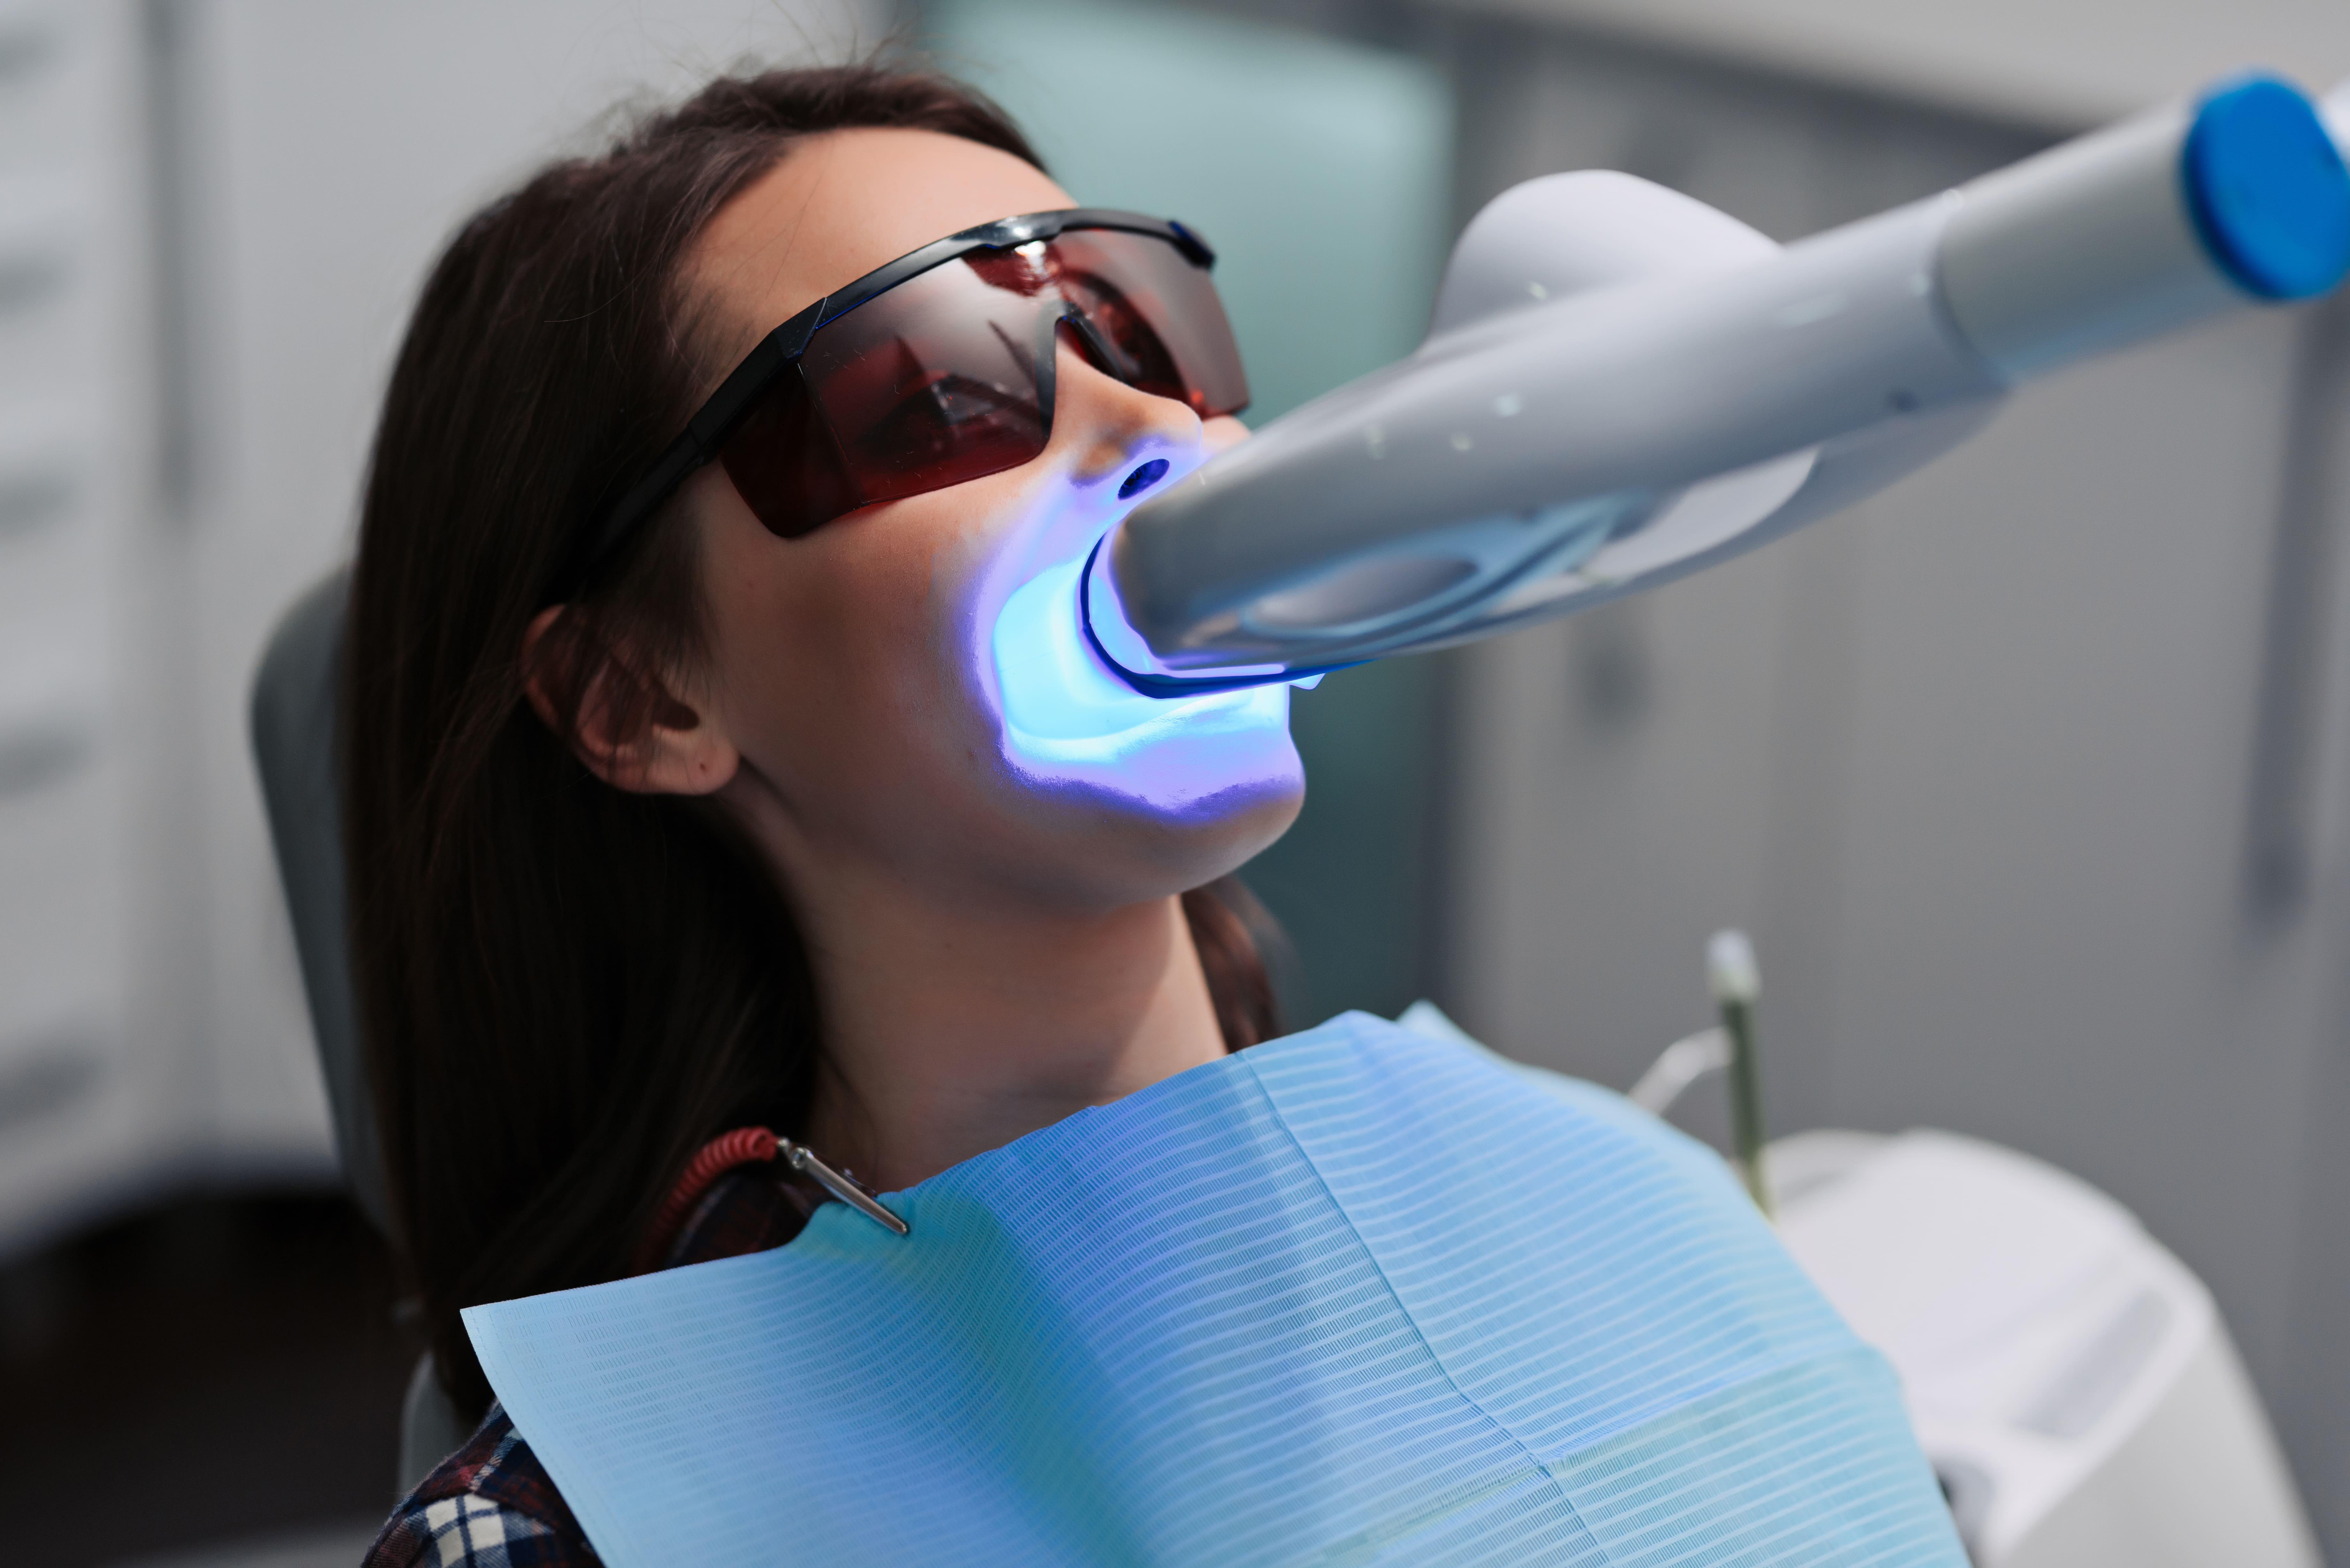 peligros blanqueamiento dental. Icoev